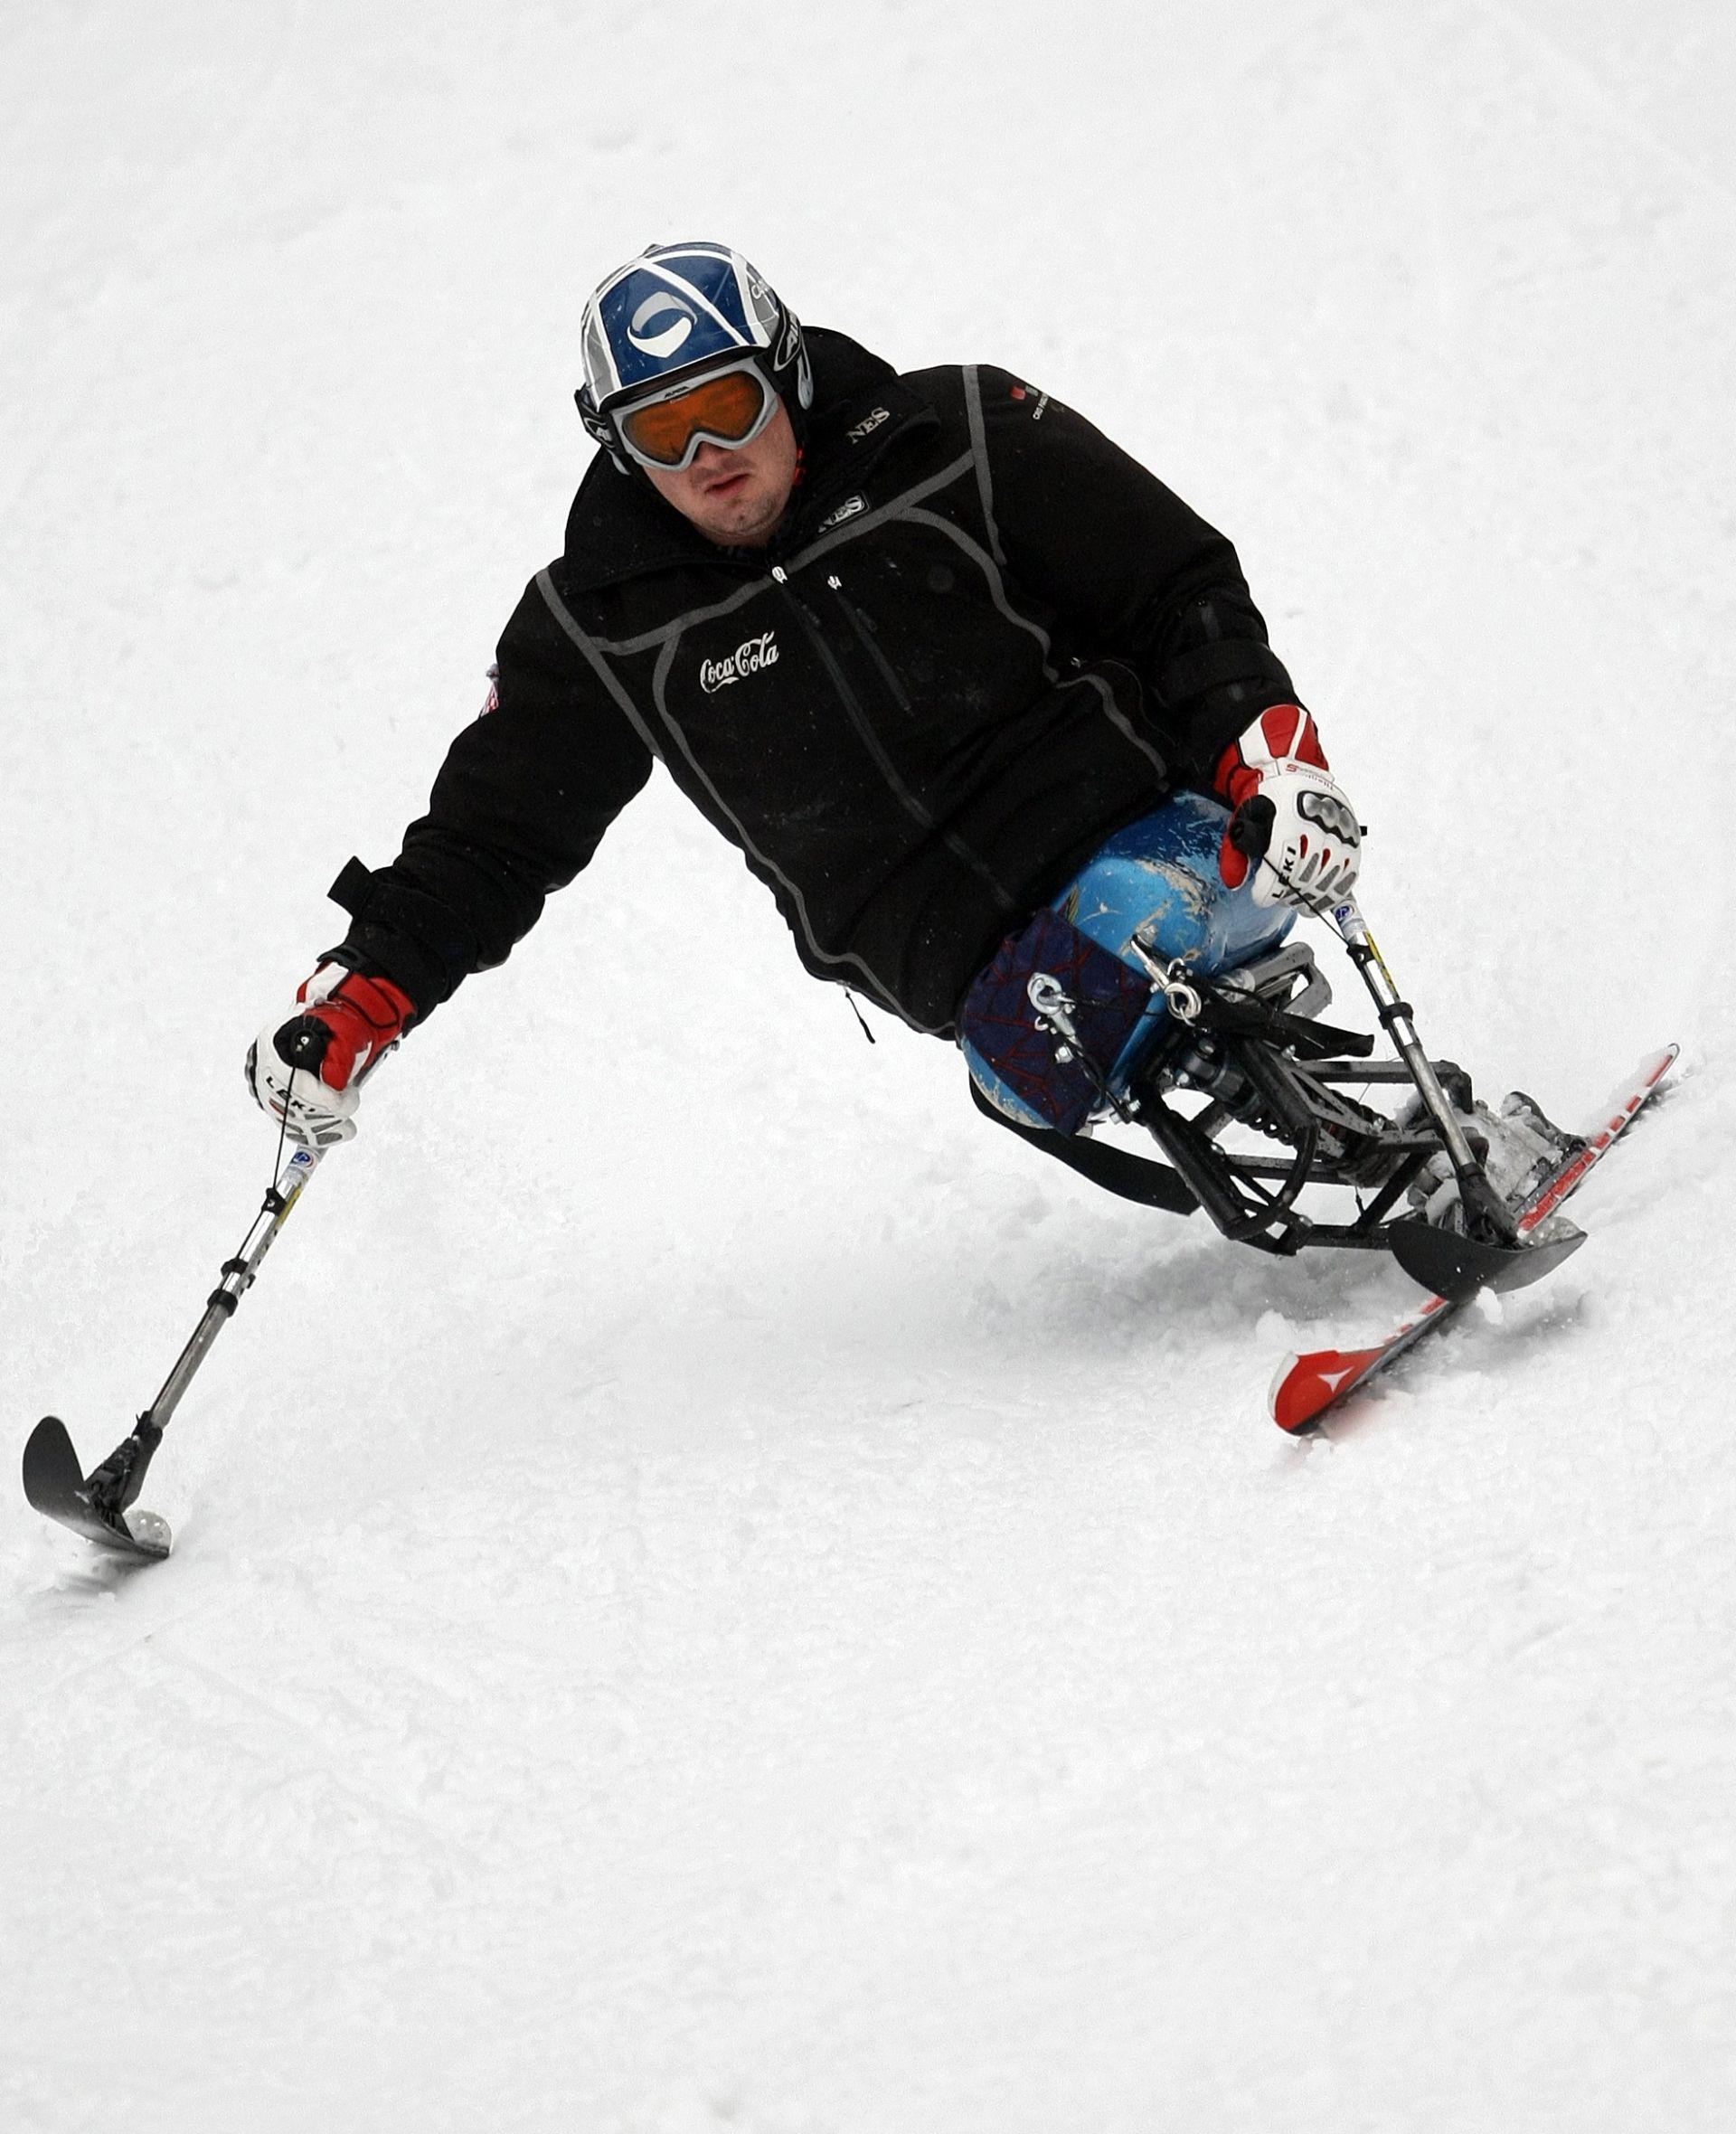 HRVATSKI PARAOLIMPIJAC Pobjeda Sokolovića u slalomu u Kuehtalu